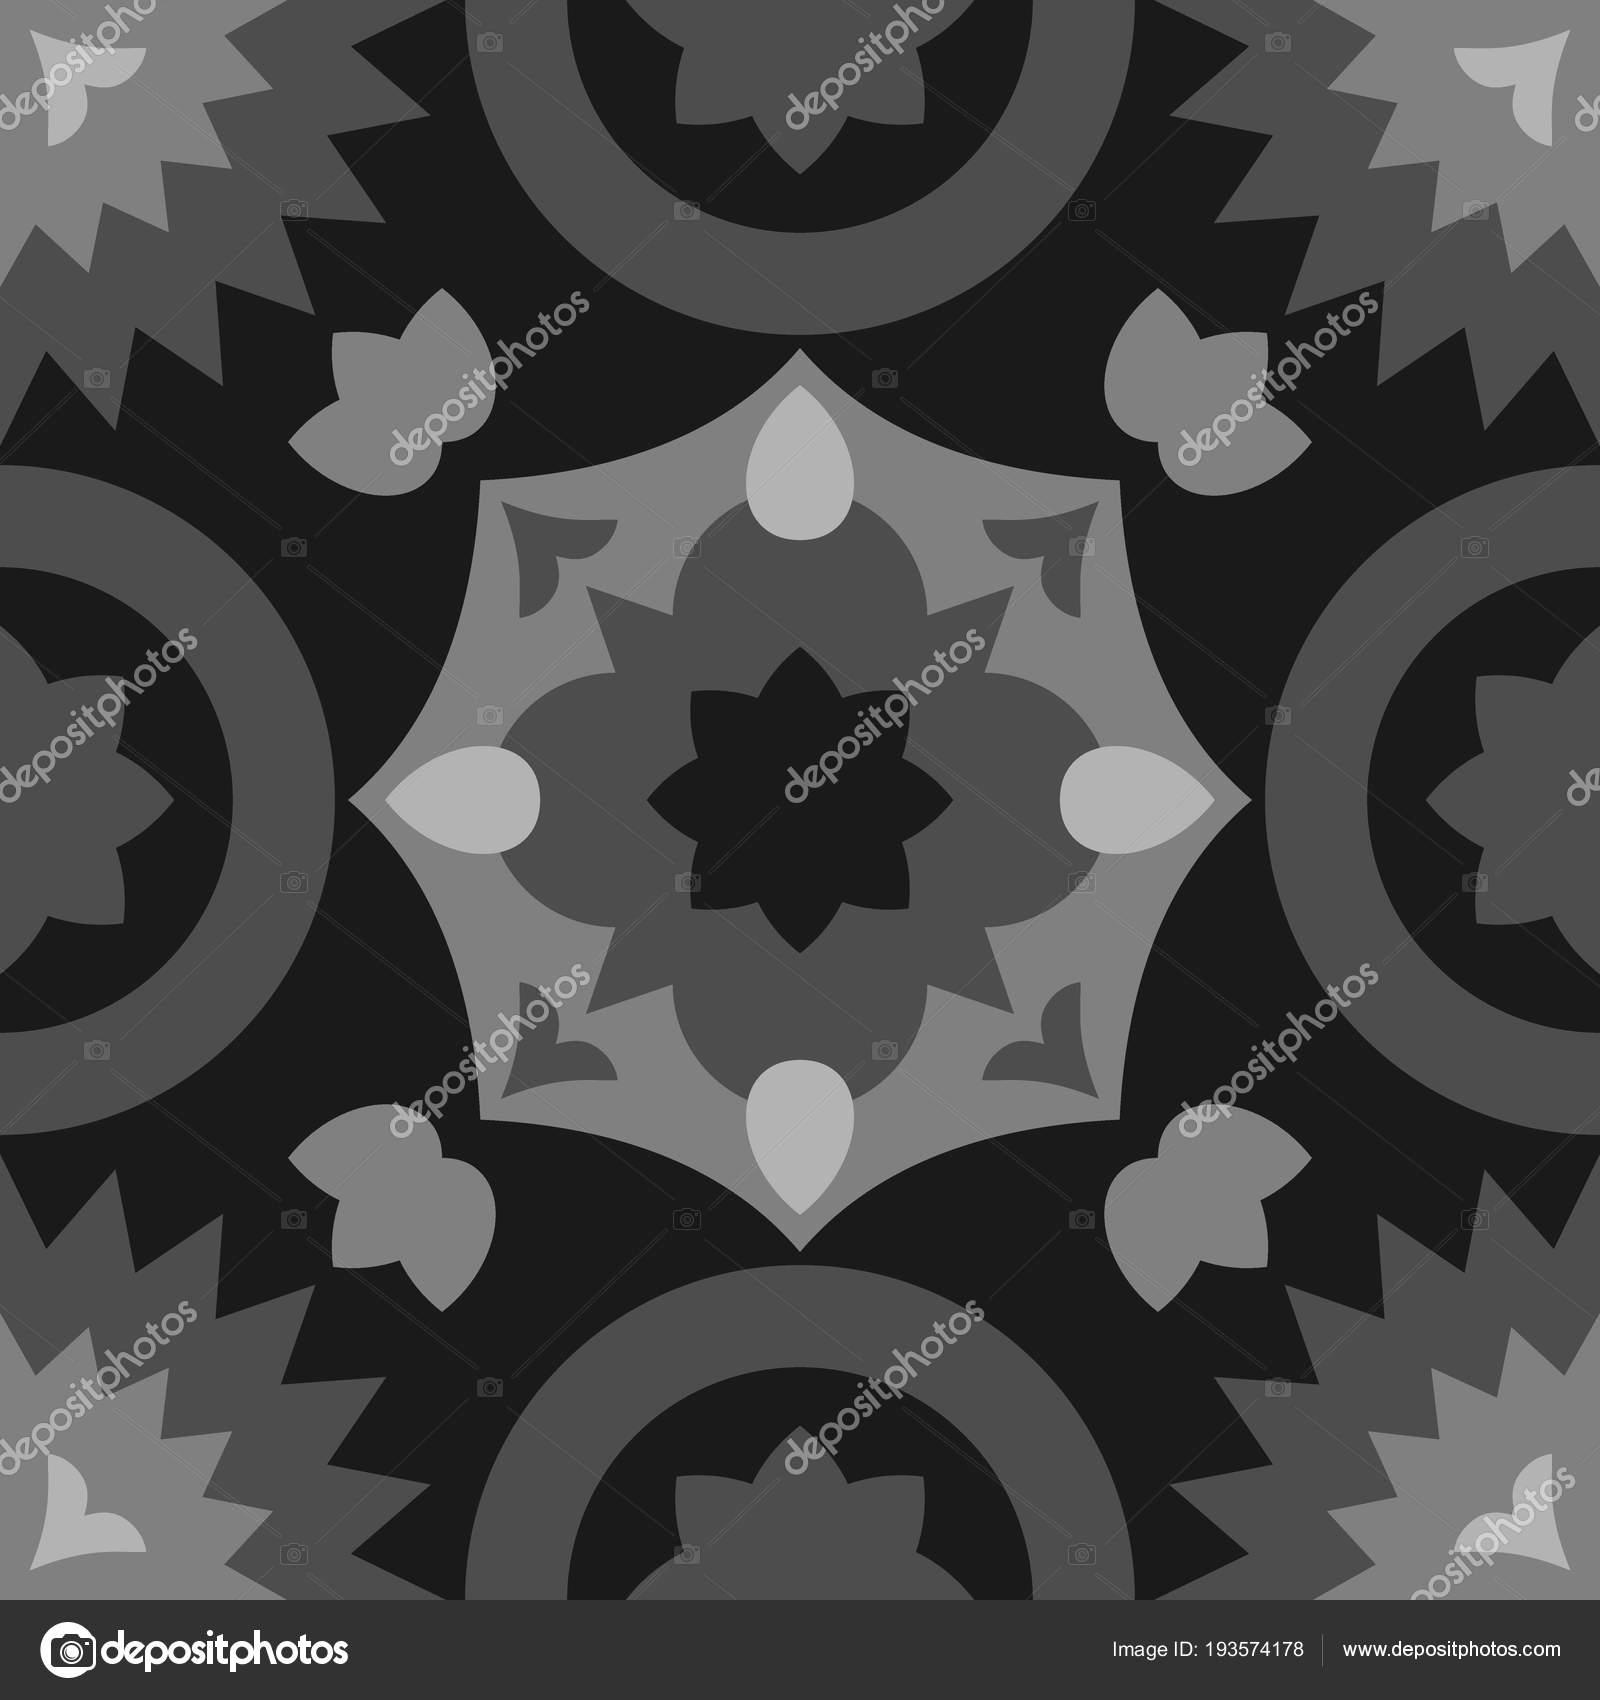 Czarne Płytki Dekoracyjne Posadzki Wektor Wzór Lub Bezszwowe